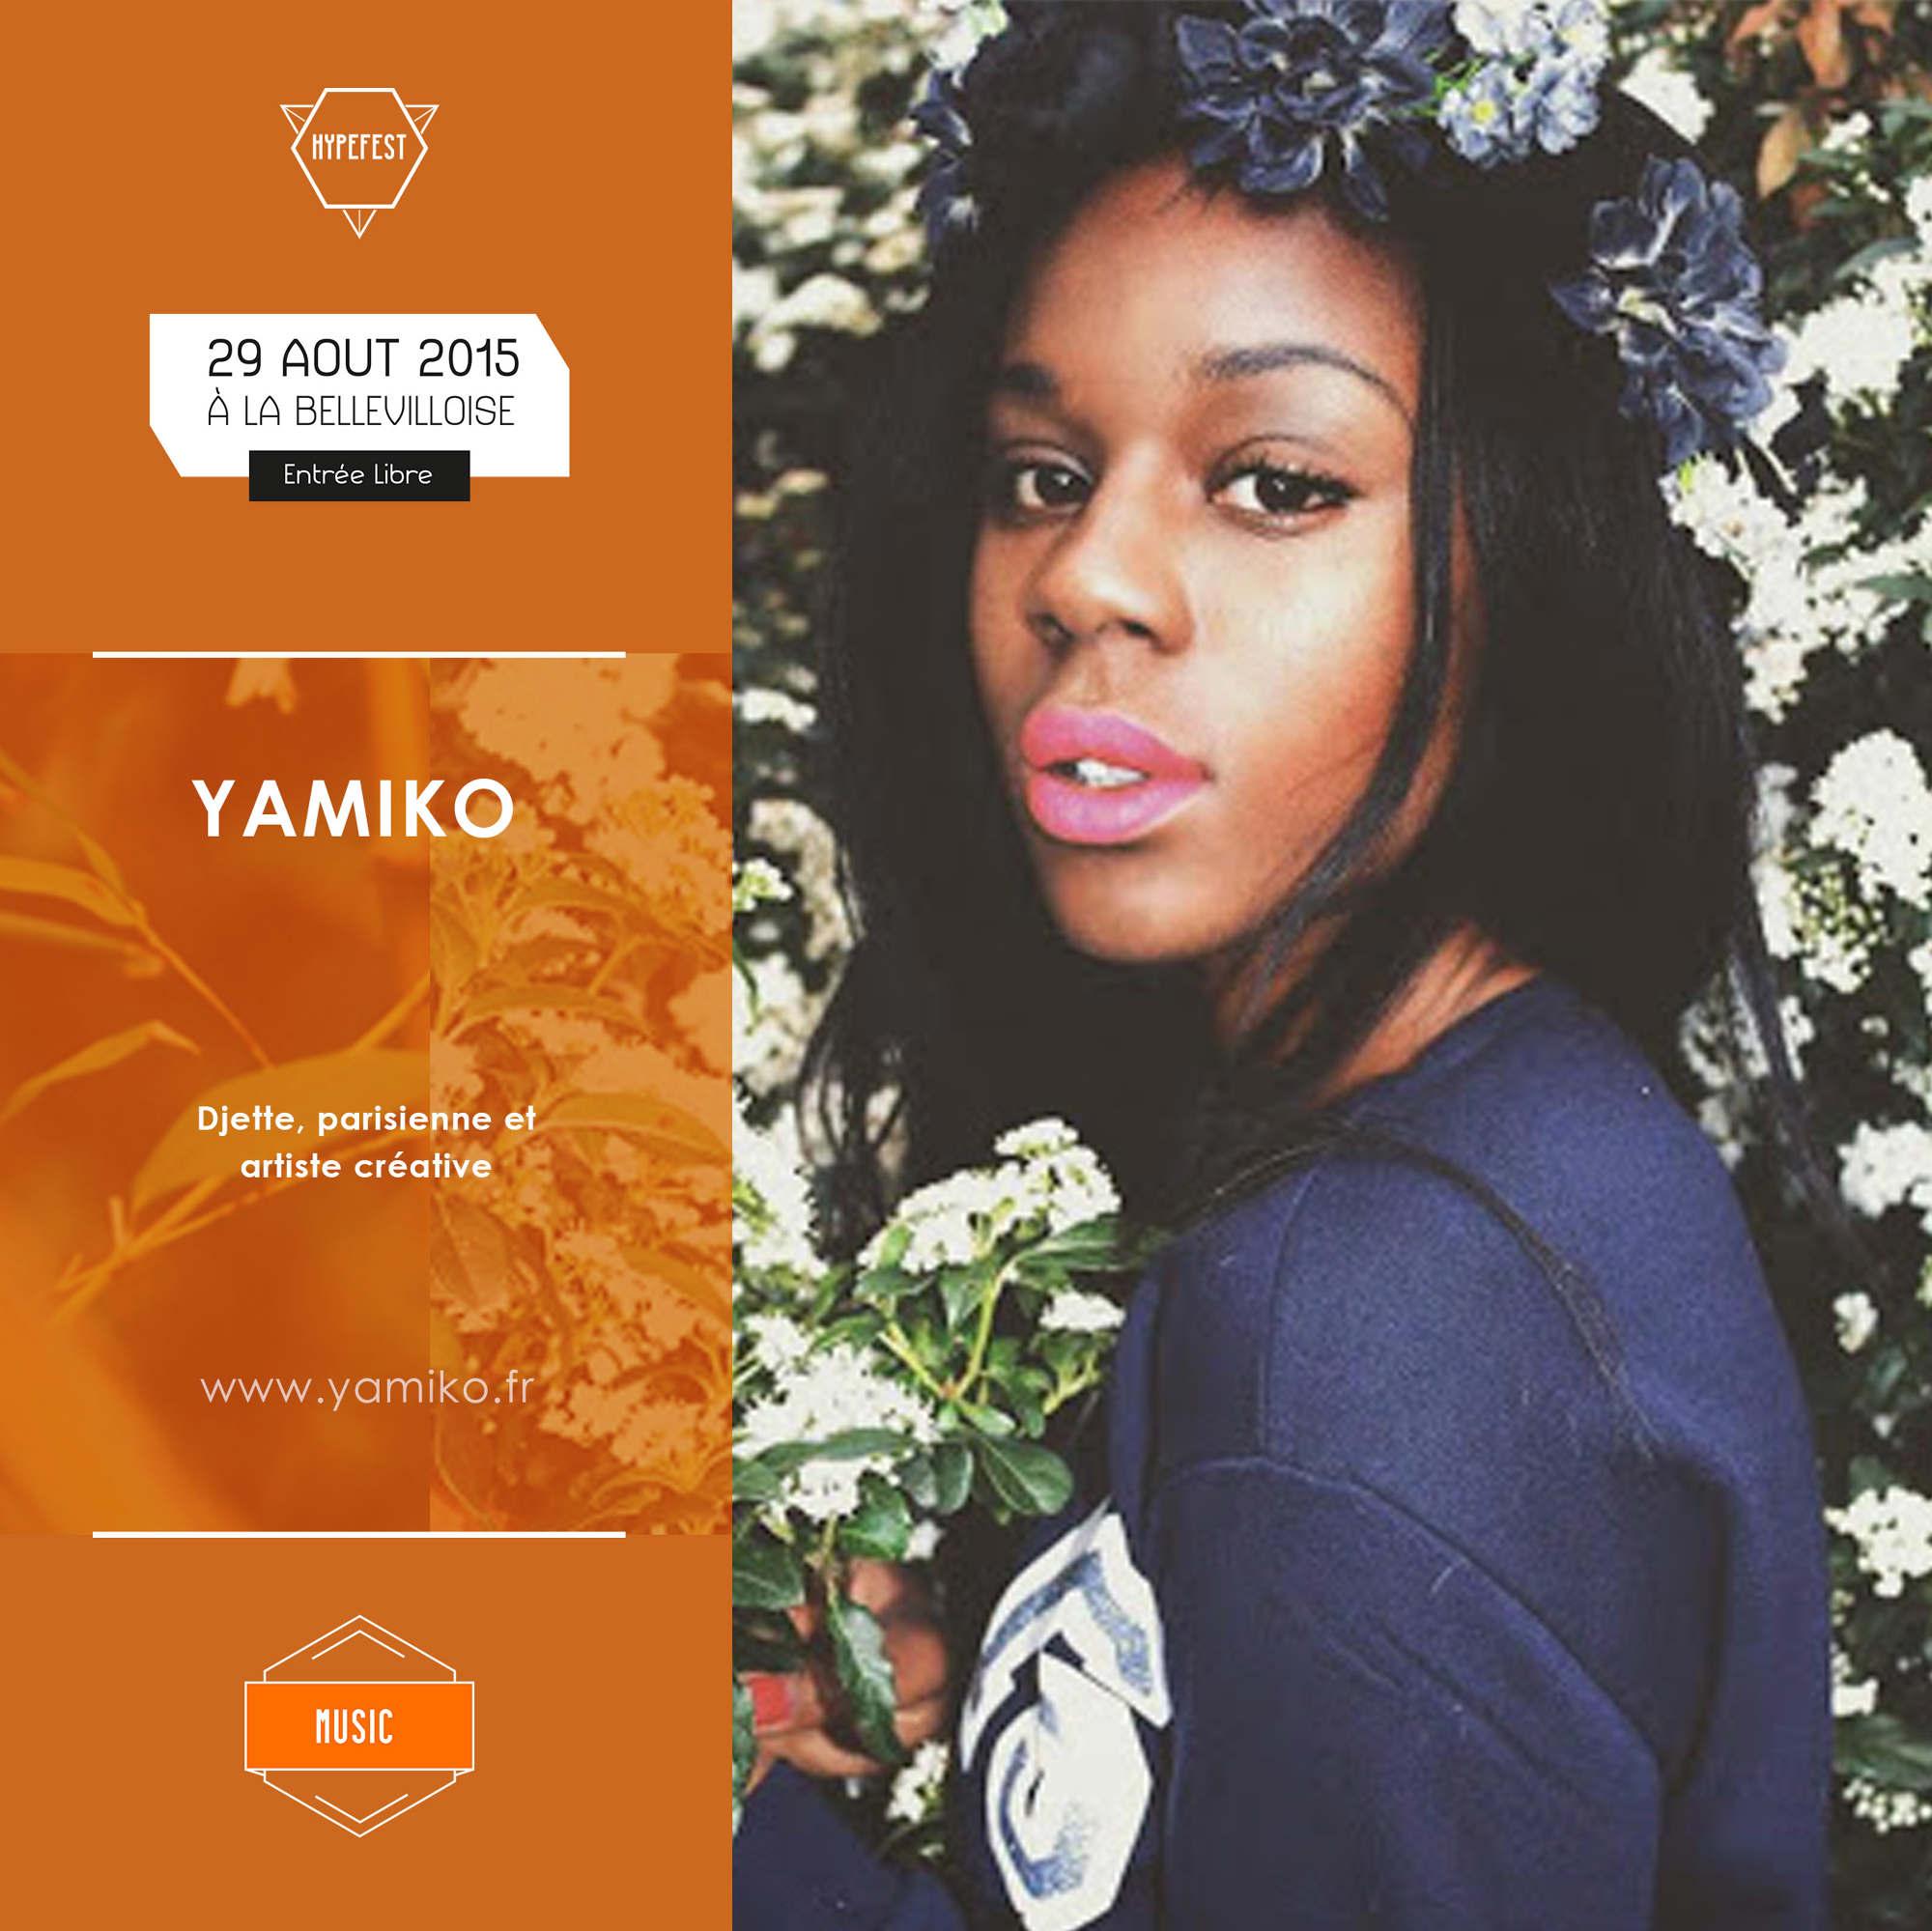 yamiko_2000_c